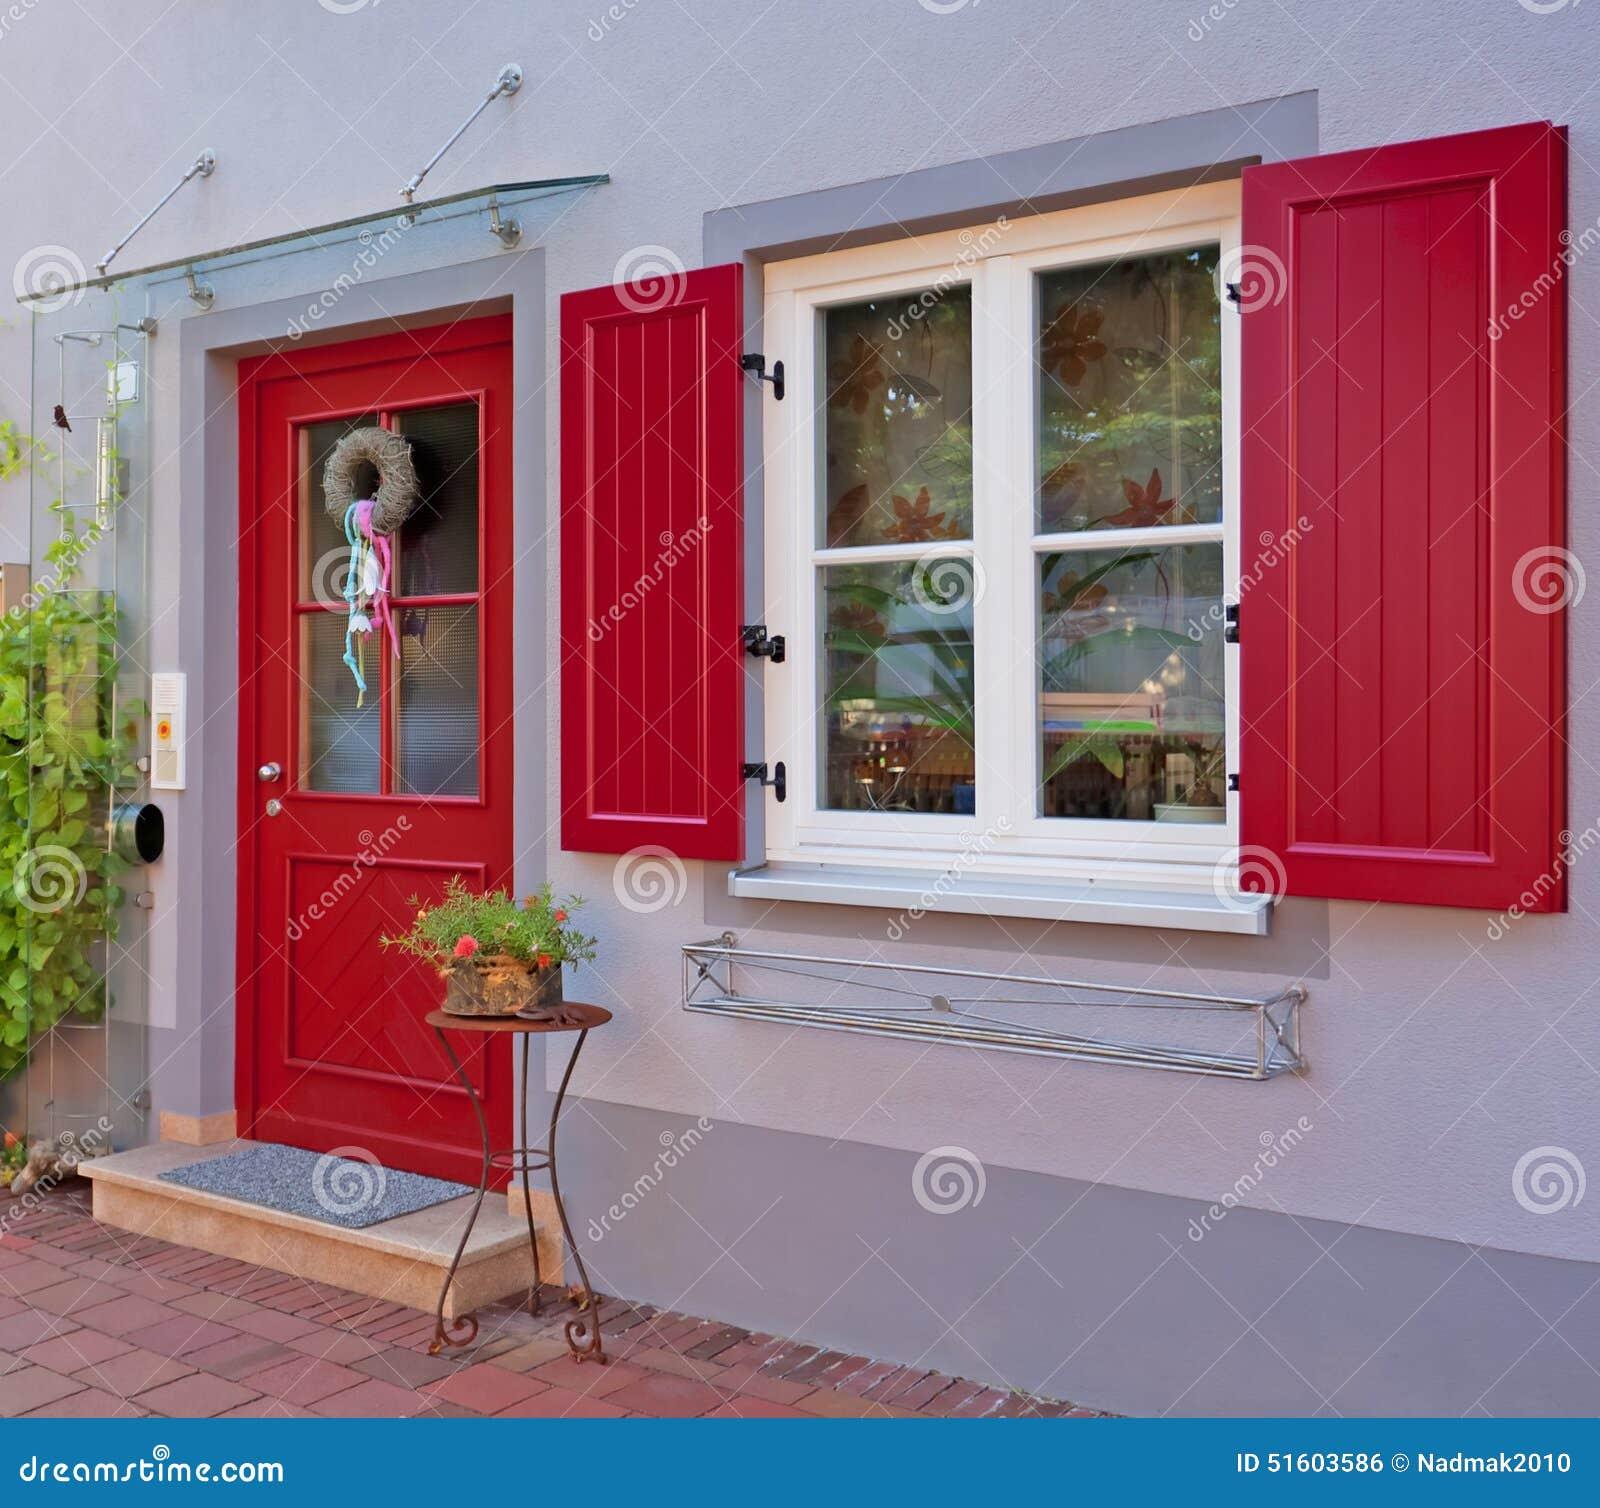 Porte d 39 entr e une maison r sidentielle photo stock for Porte d entree maison